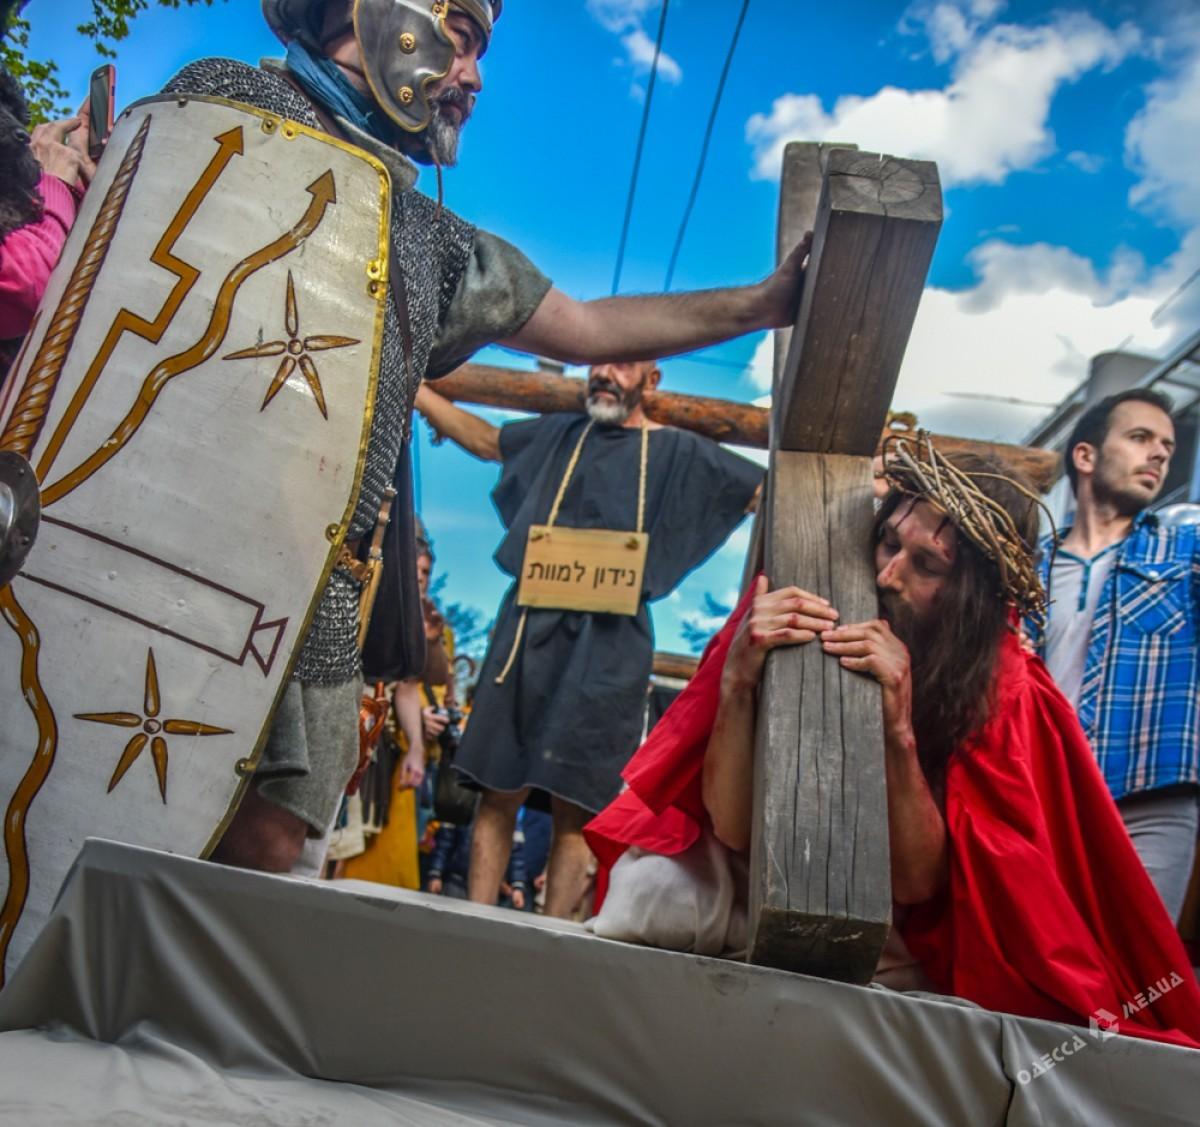 b792190c5b0dc7136078e4687bbfcf0a Страсти Христовы: в Одессе прошла костюмированная пасхальная реконструкция